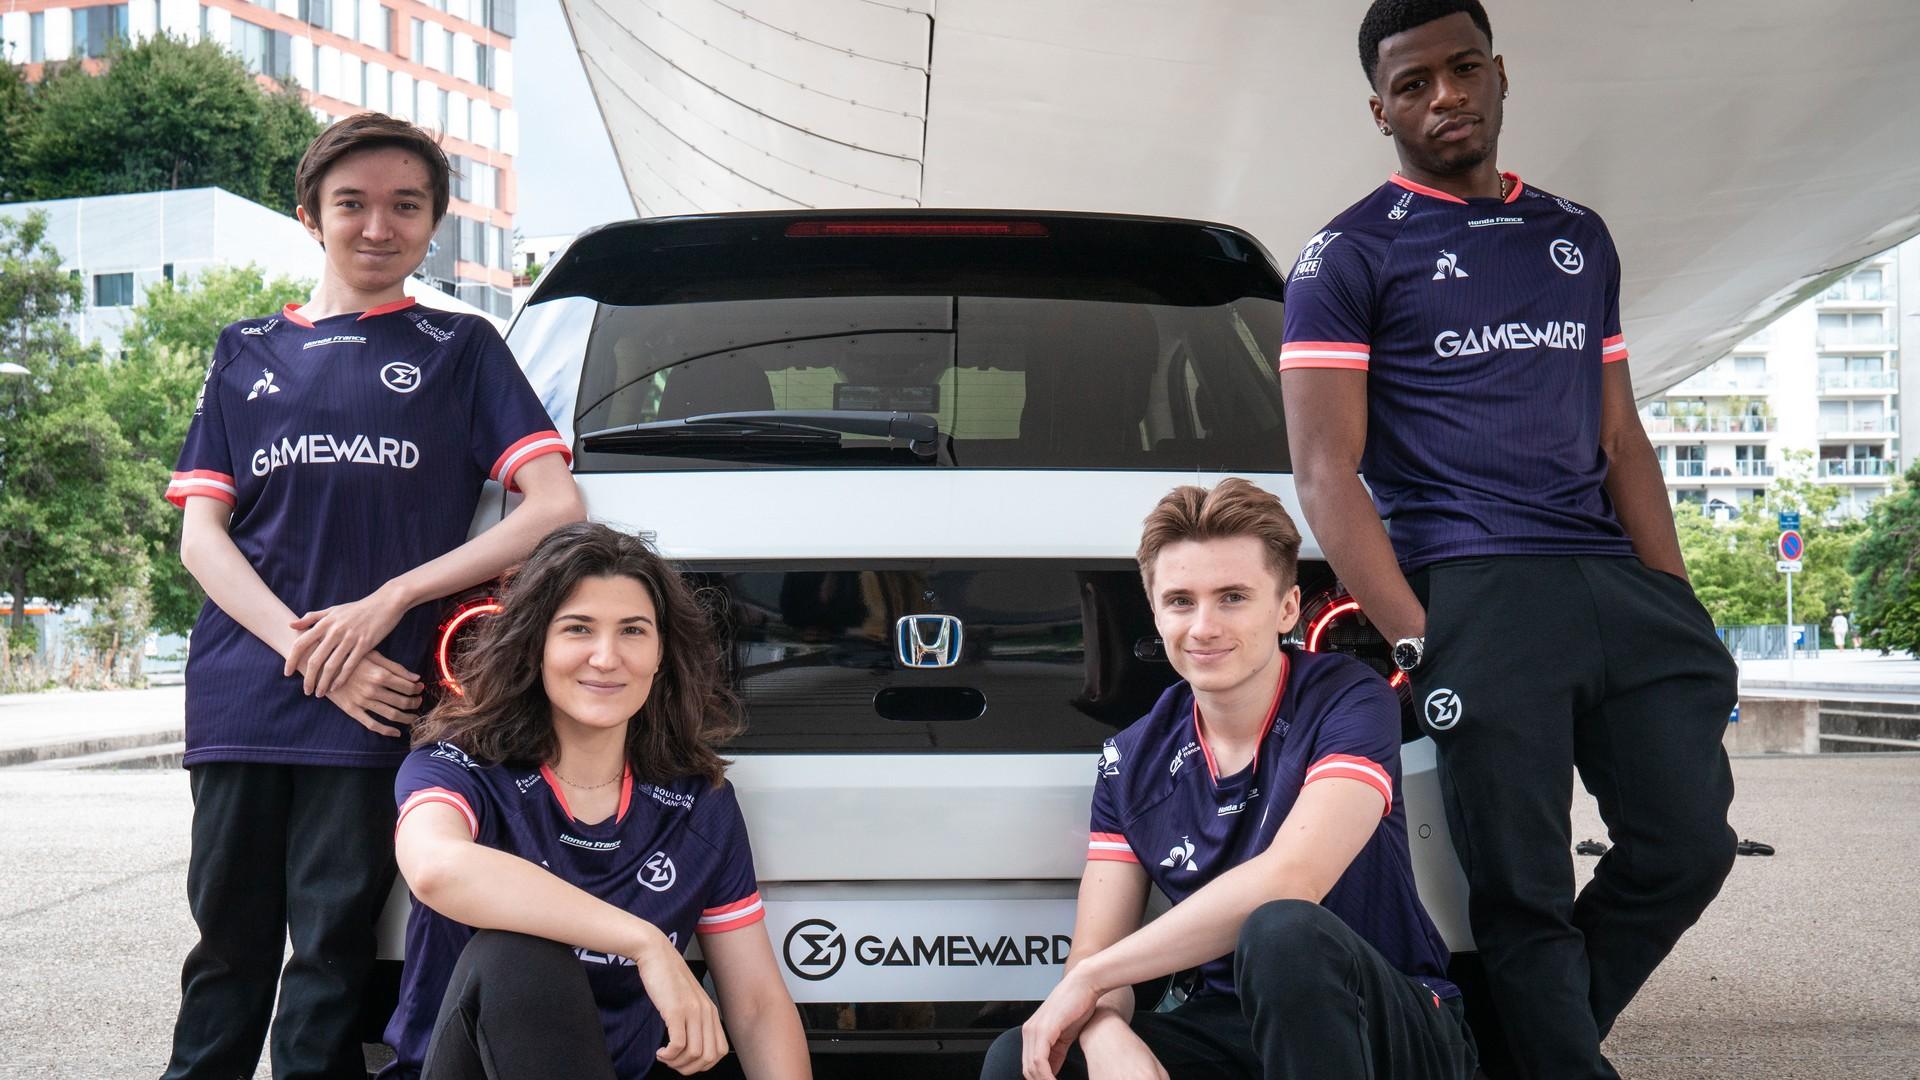 Honda x Gameward (esport) 2021